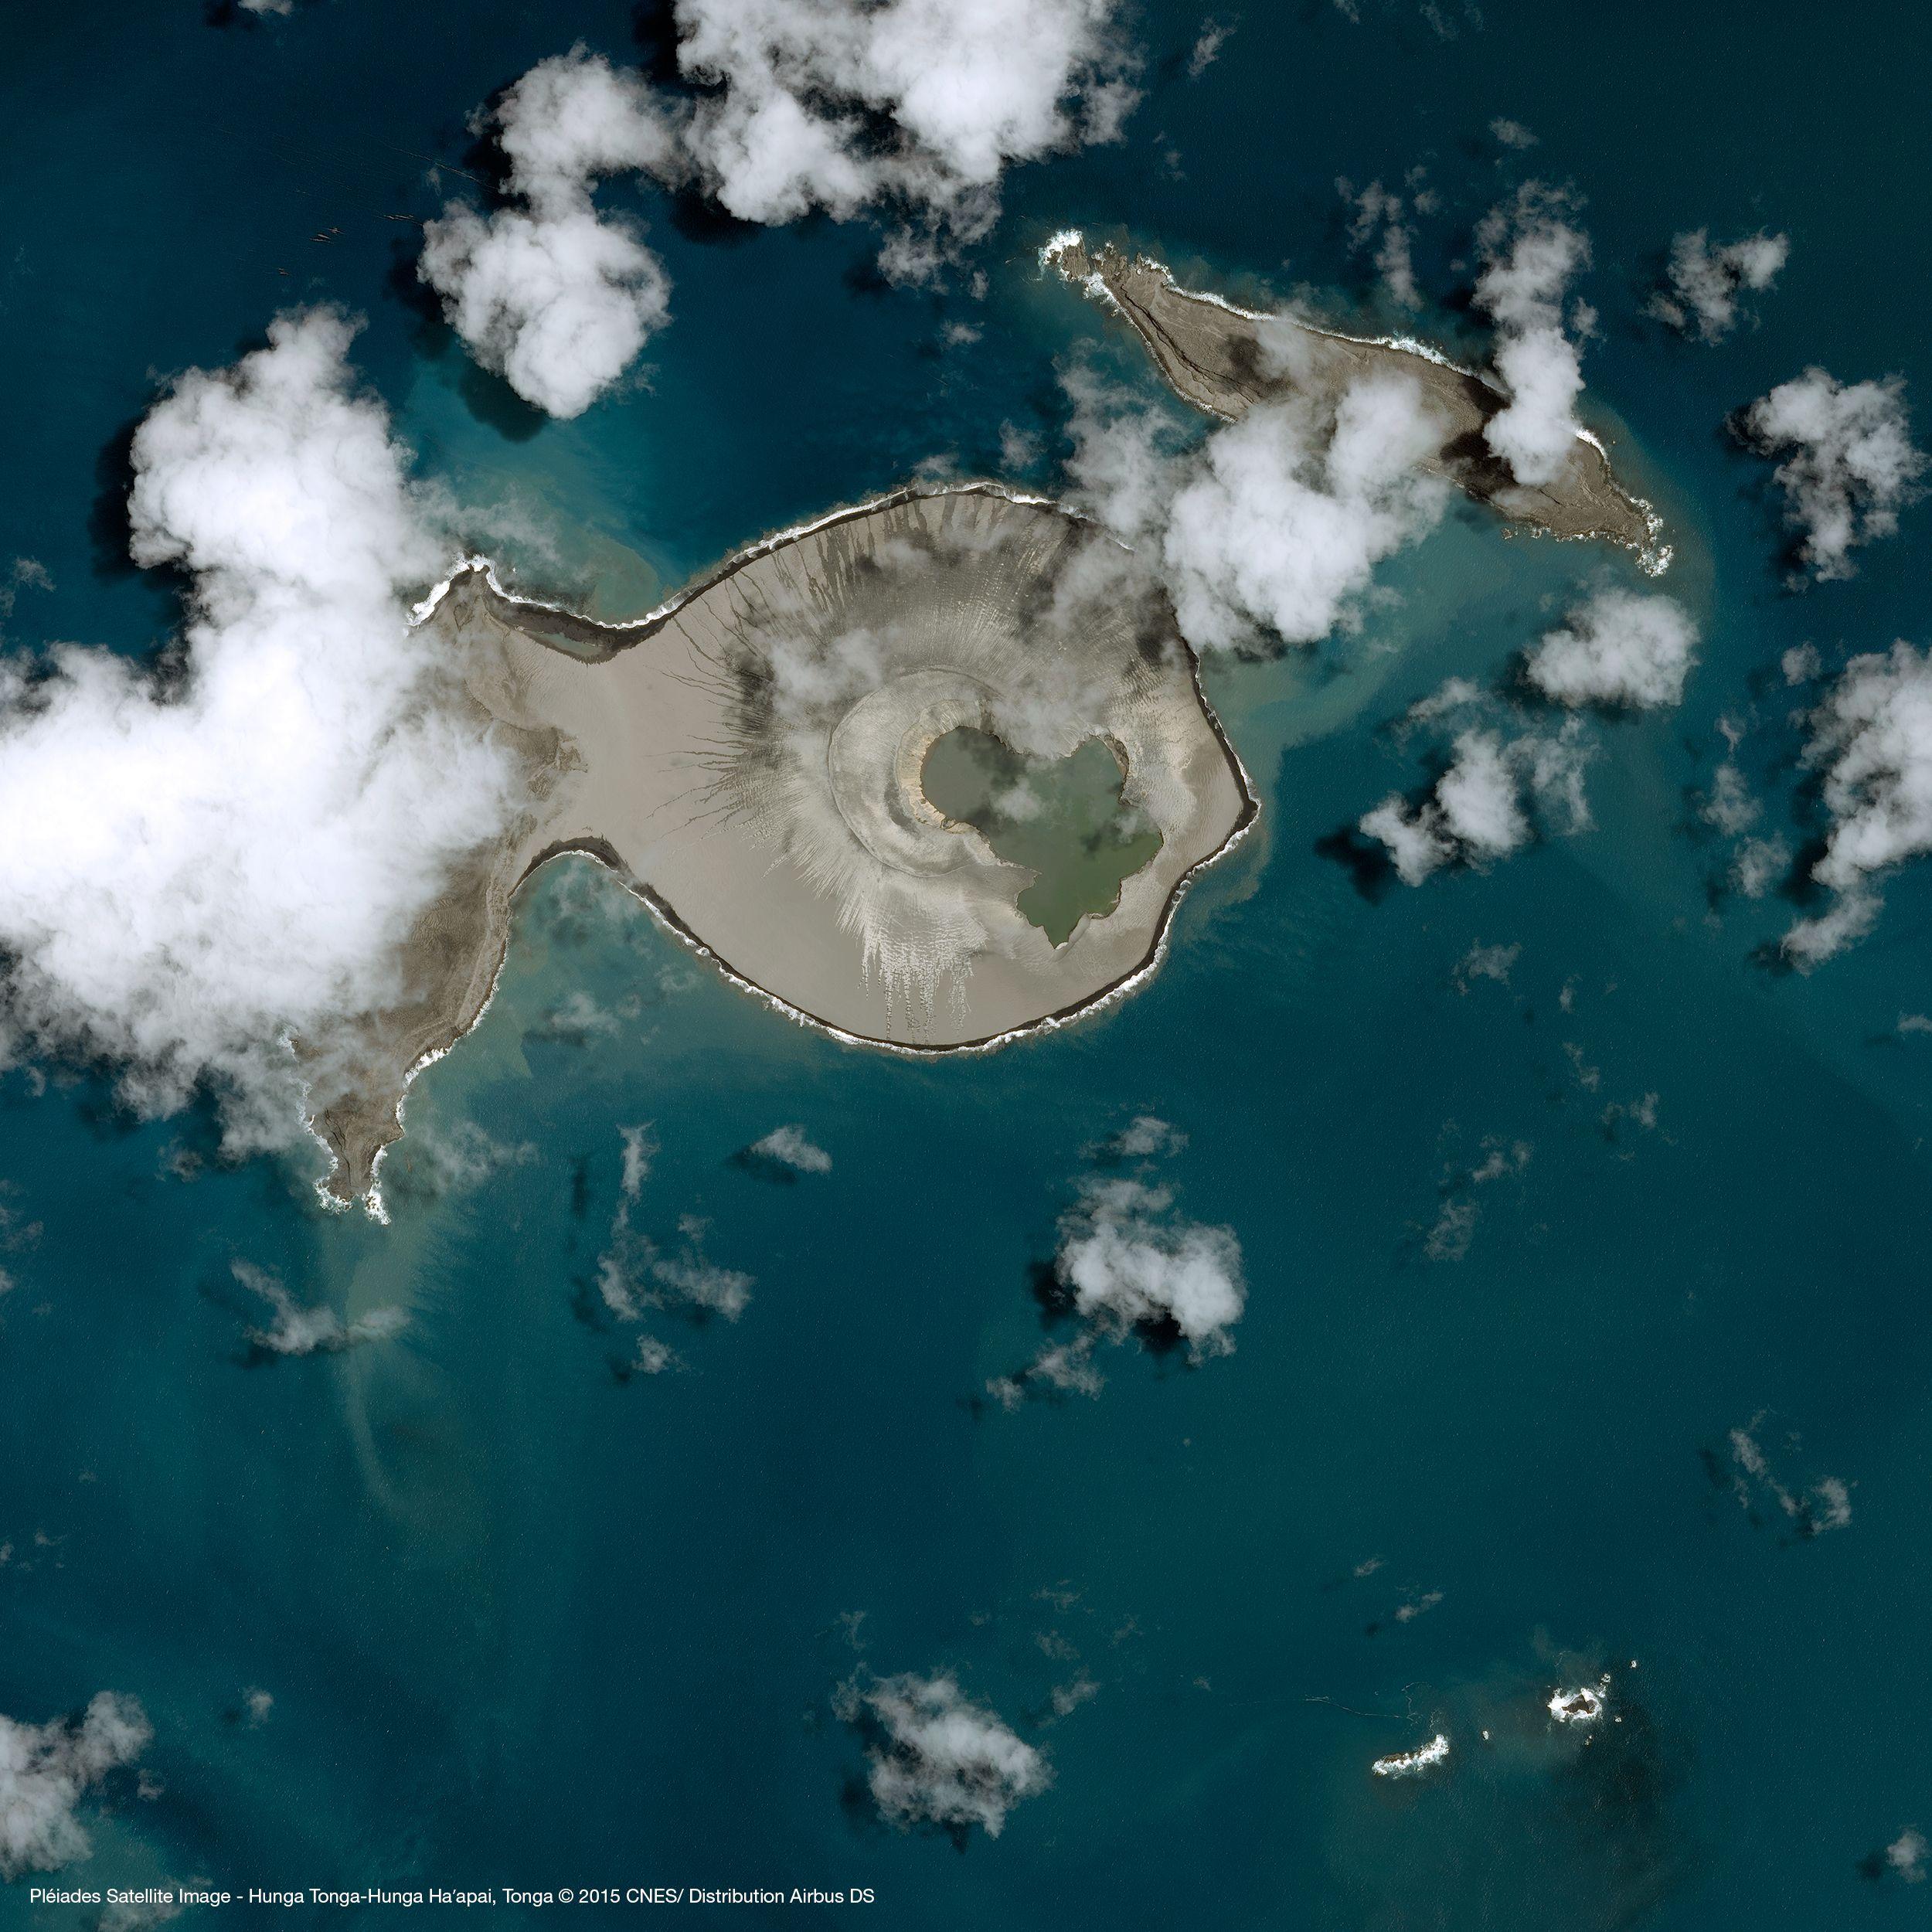 Pliades satellite image hunga tonga hunga haapai tonga pliades satellite image hunga tonga hunga haapai tonga sciox Images